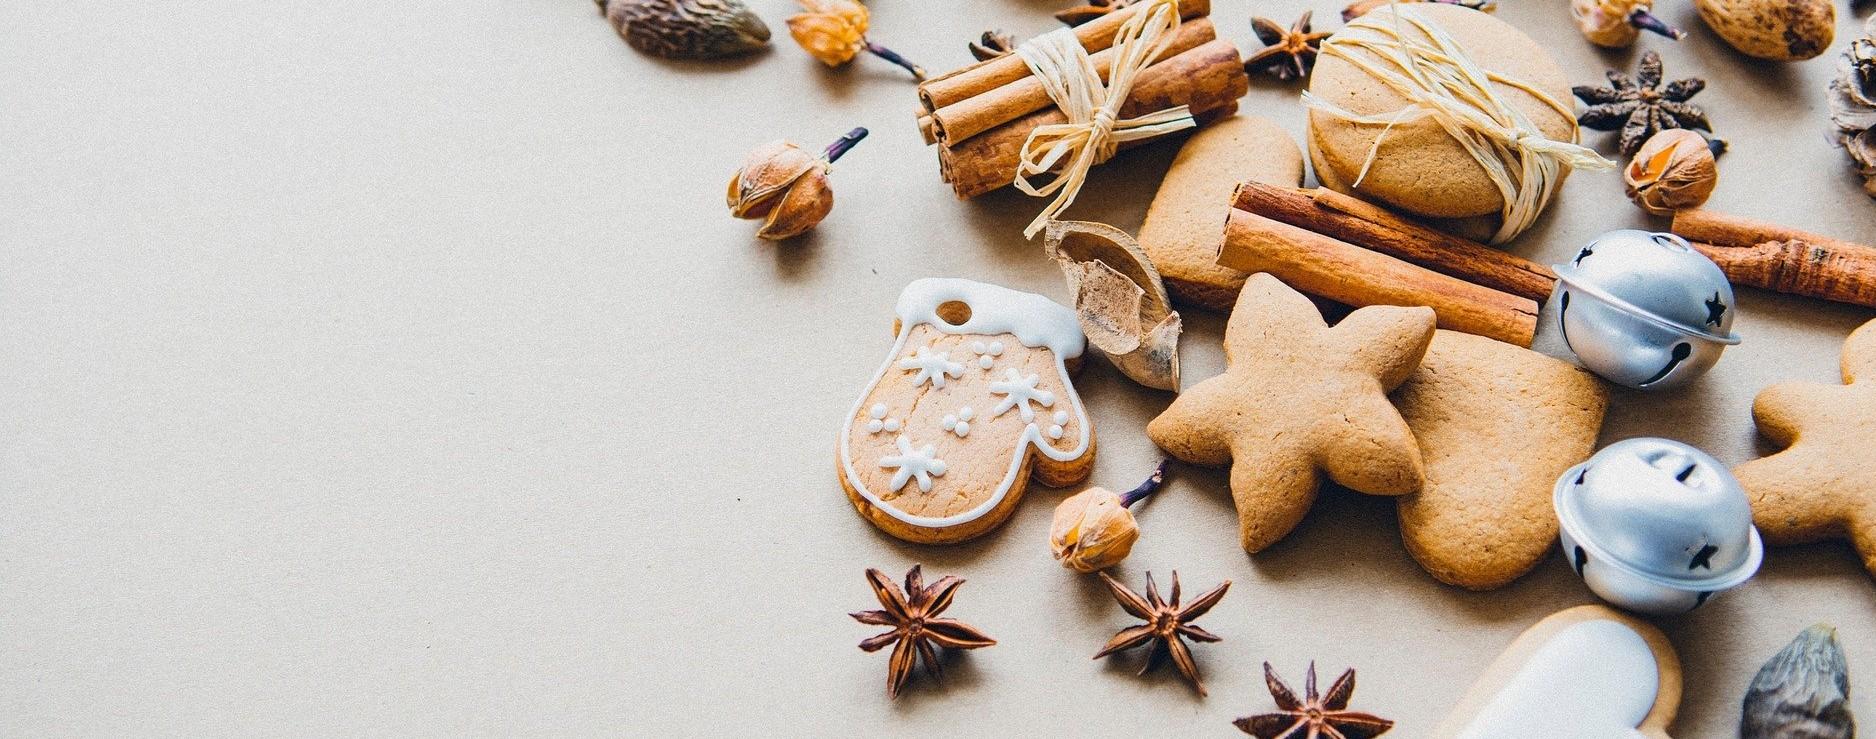 Noël : des décos maison à faire avec les enfants